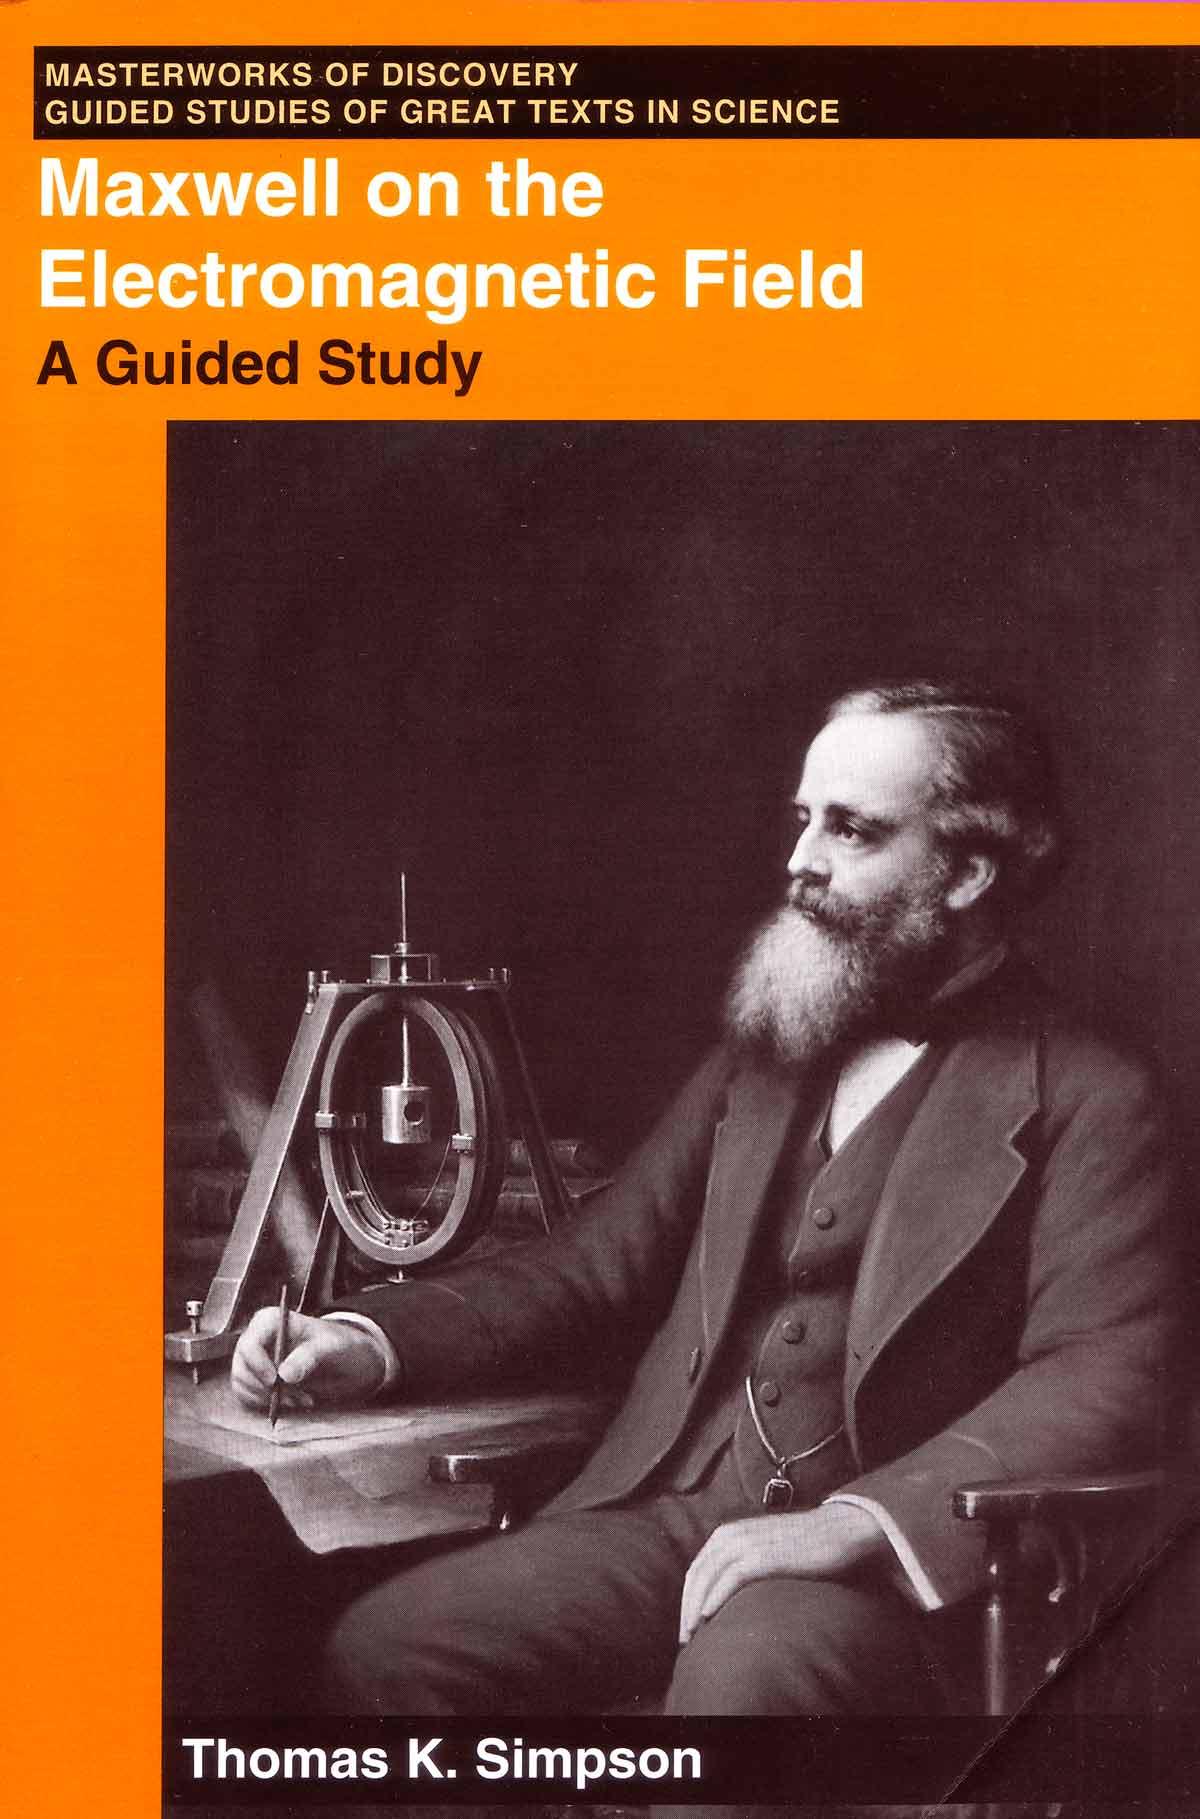 TKS-book_cover-mef.jpg